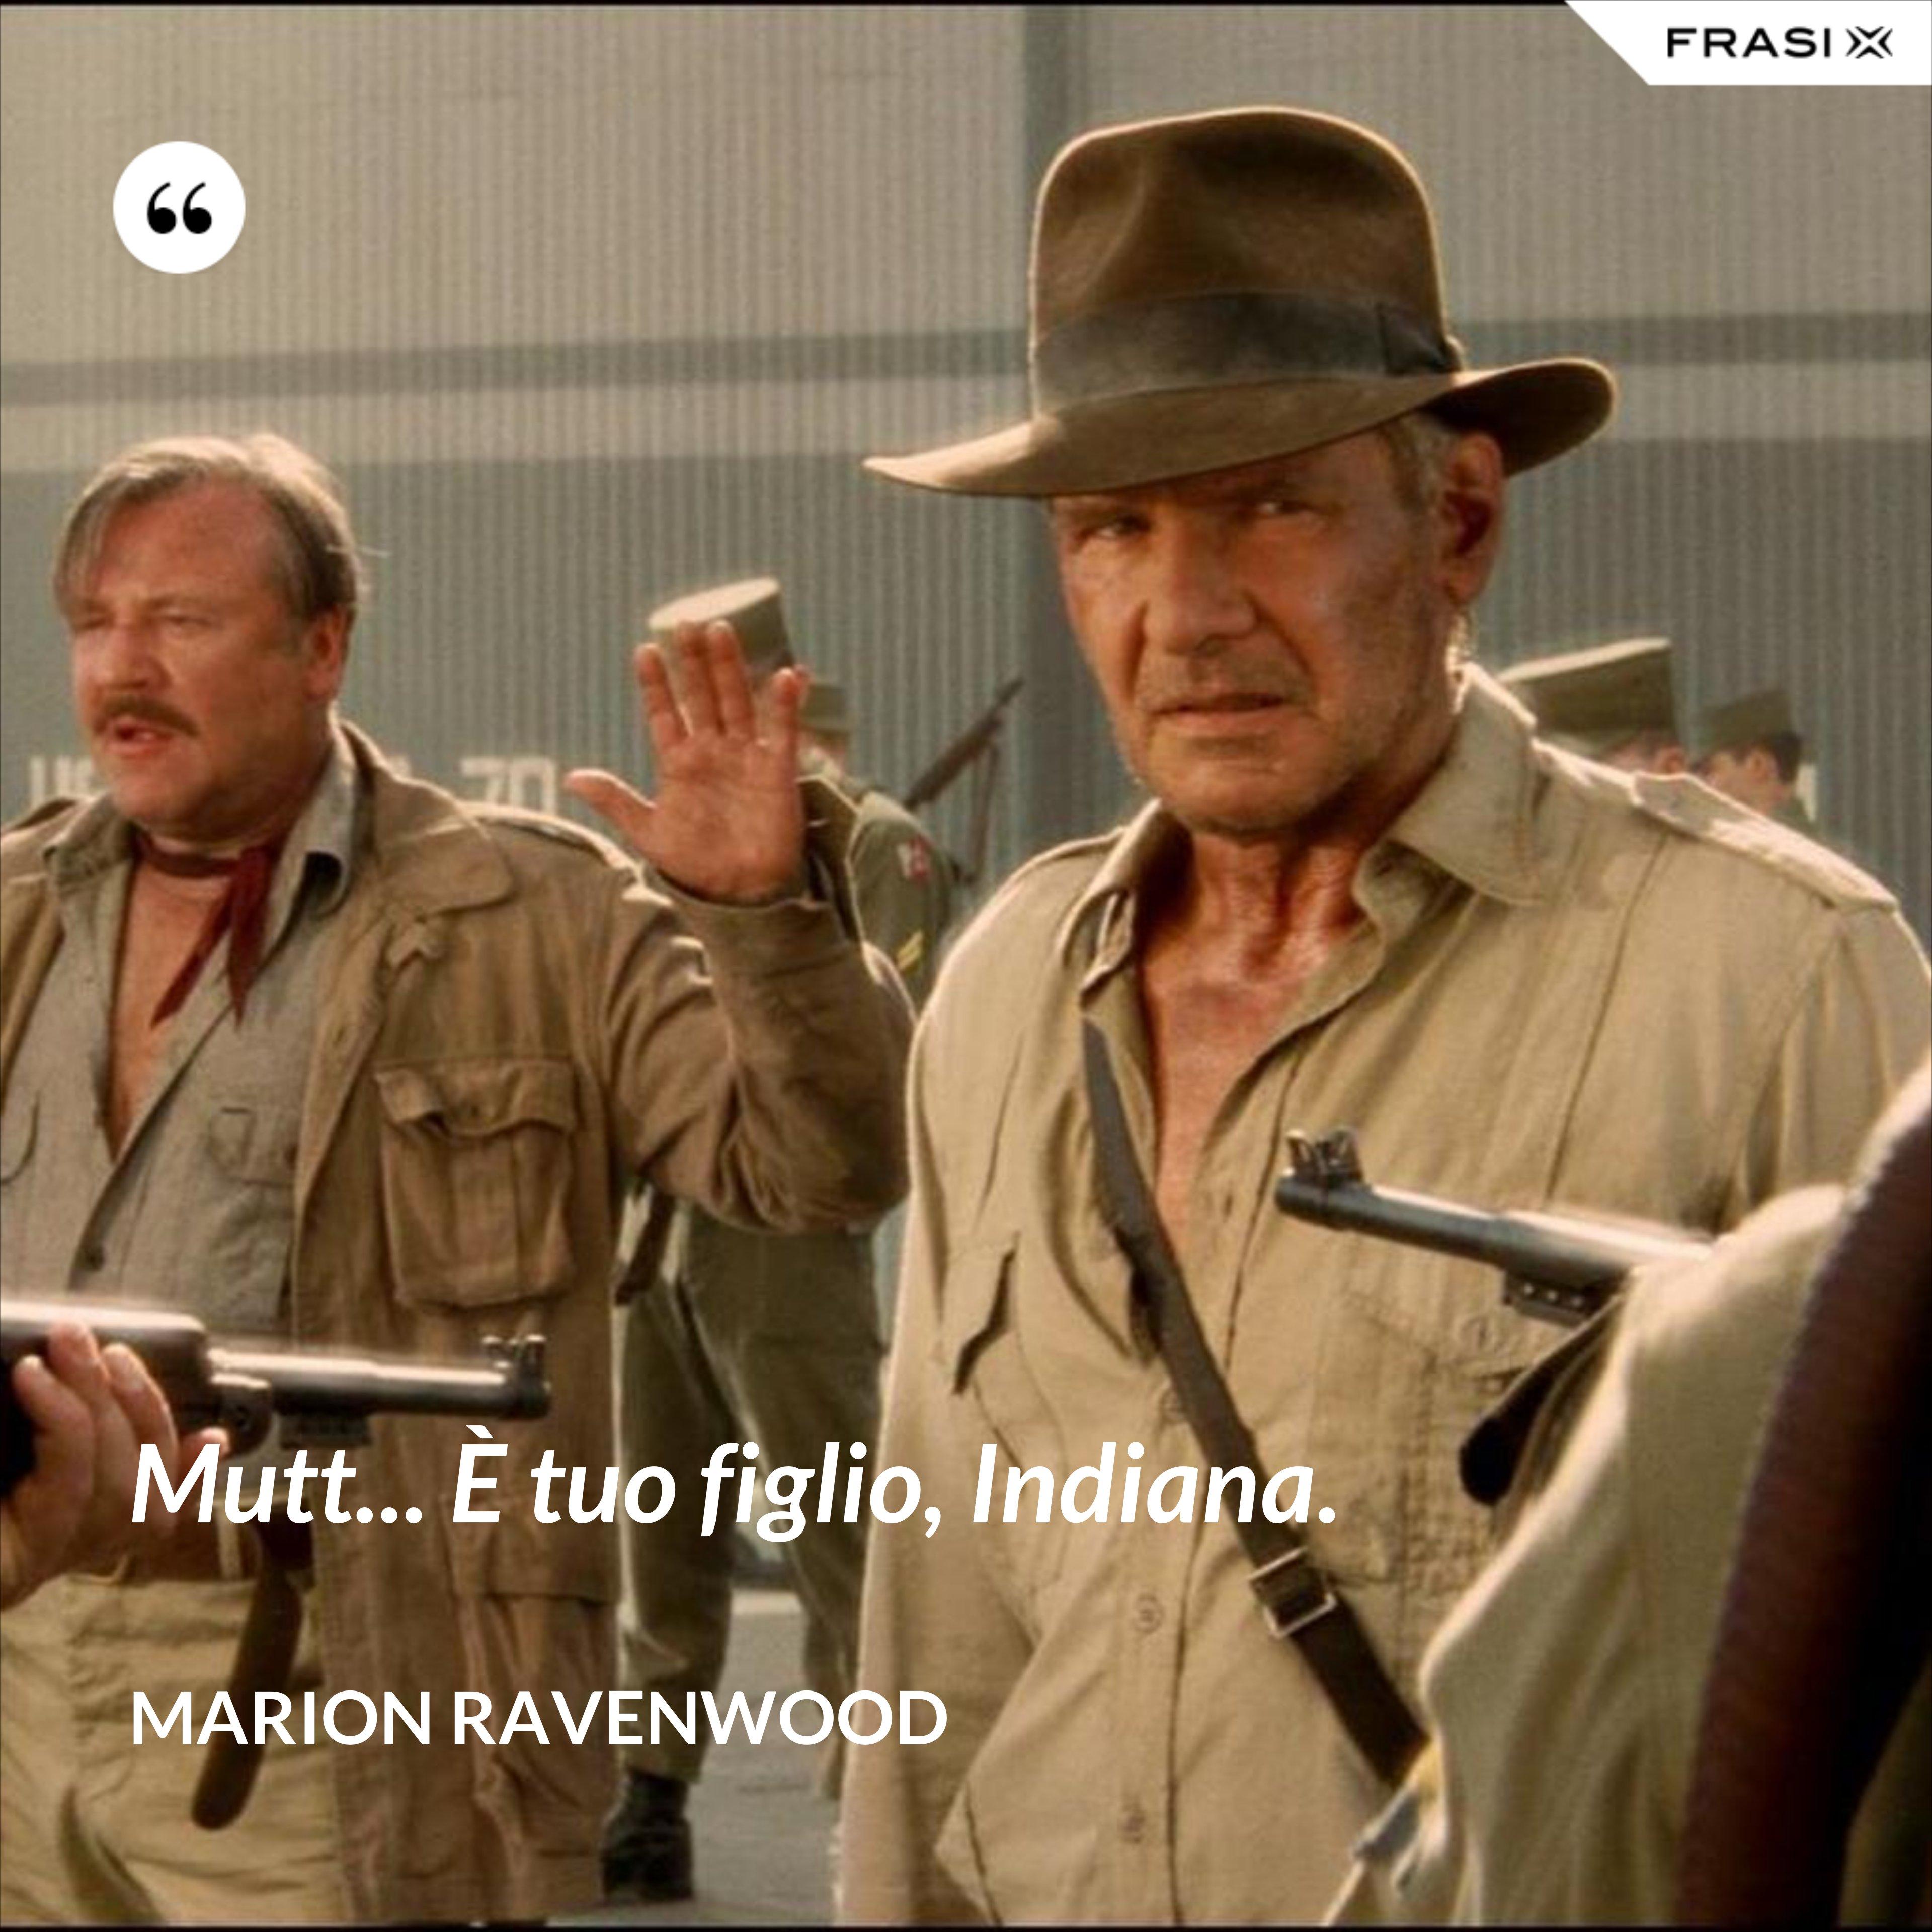 Mutt... È tuo figlio, Indiana. - Marion Ravenwood